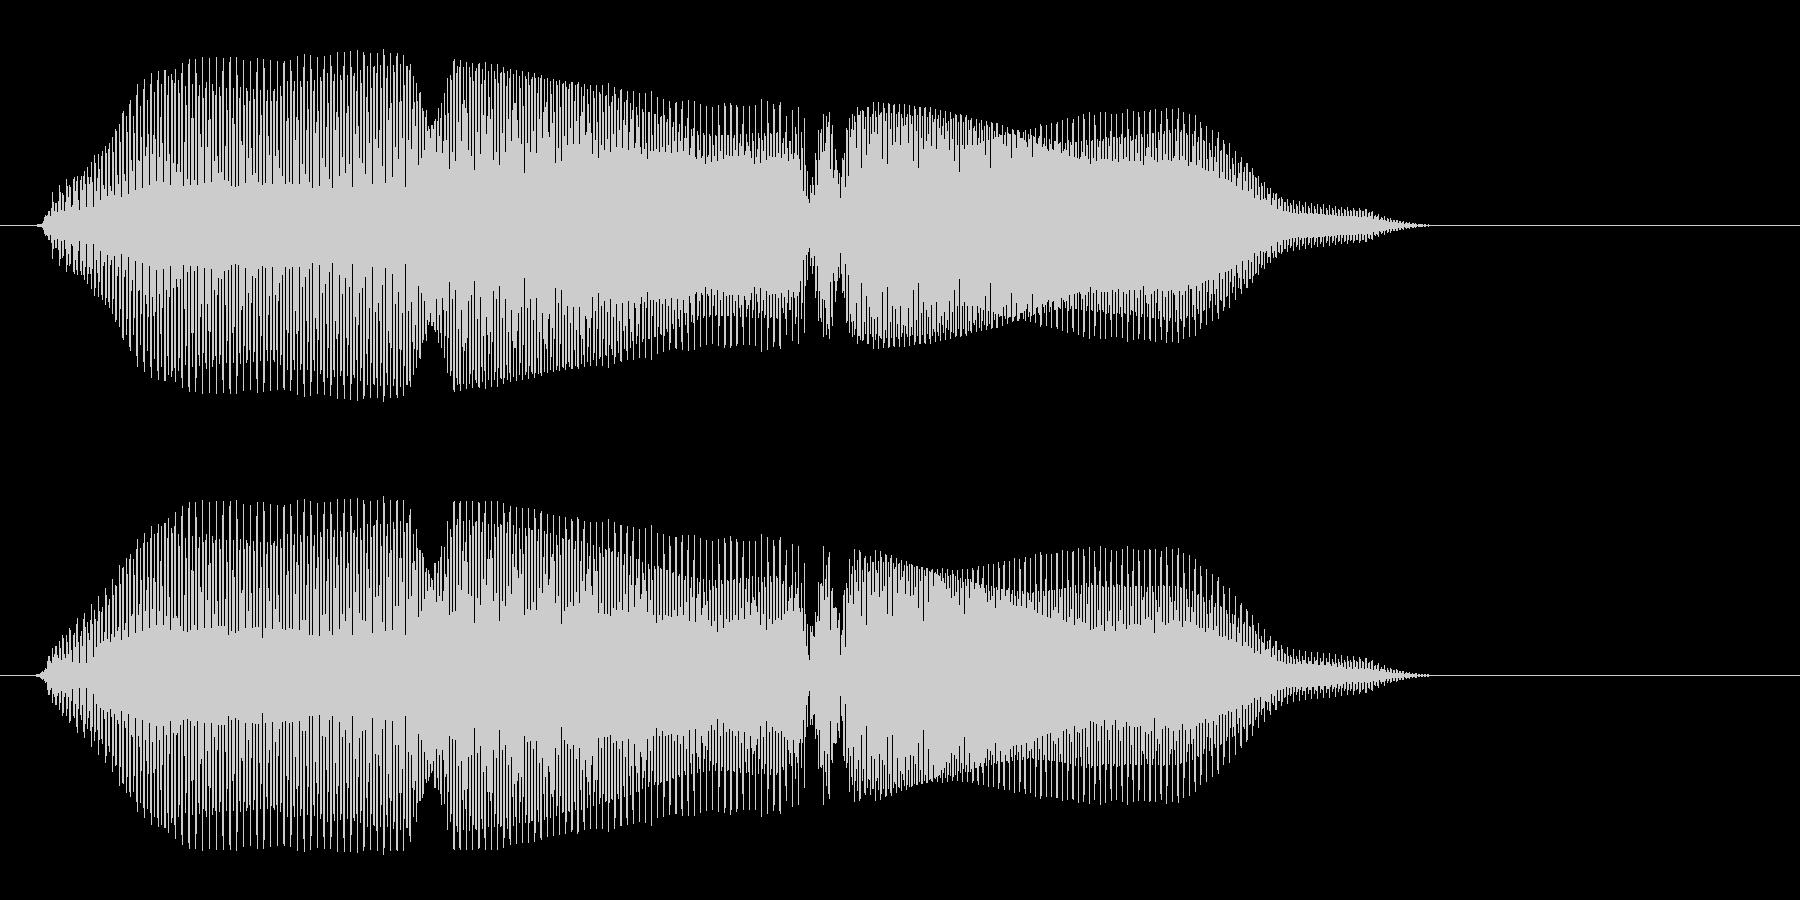 プゥーアァツ(力が抜けるような音)の未再生の波形